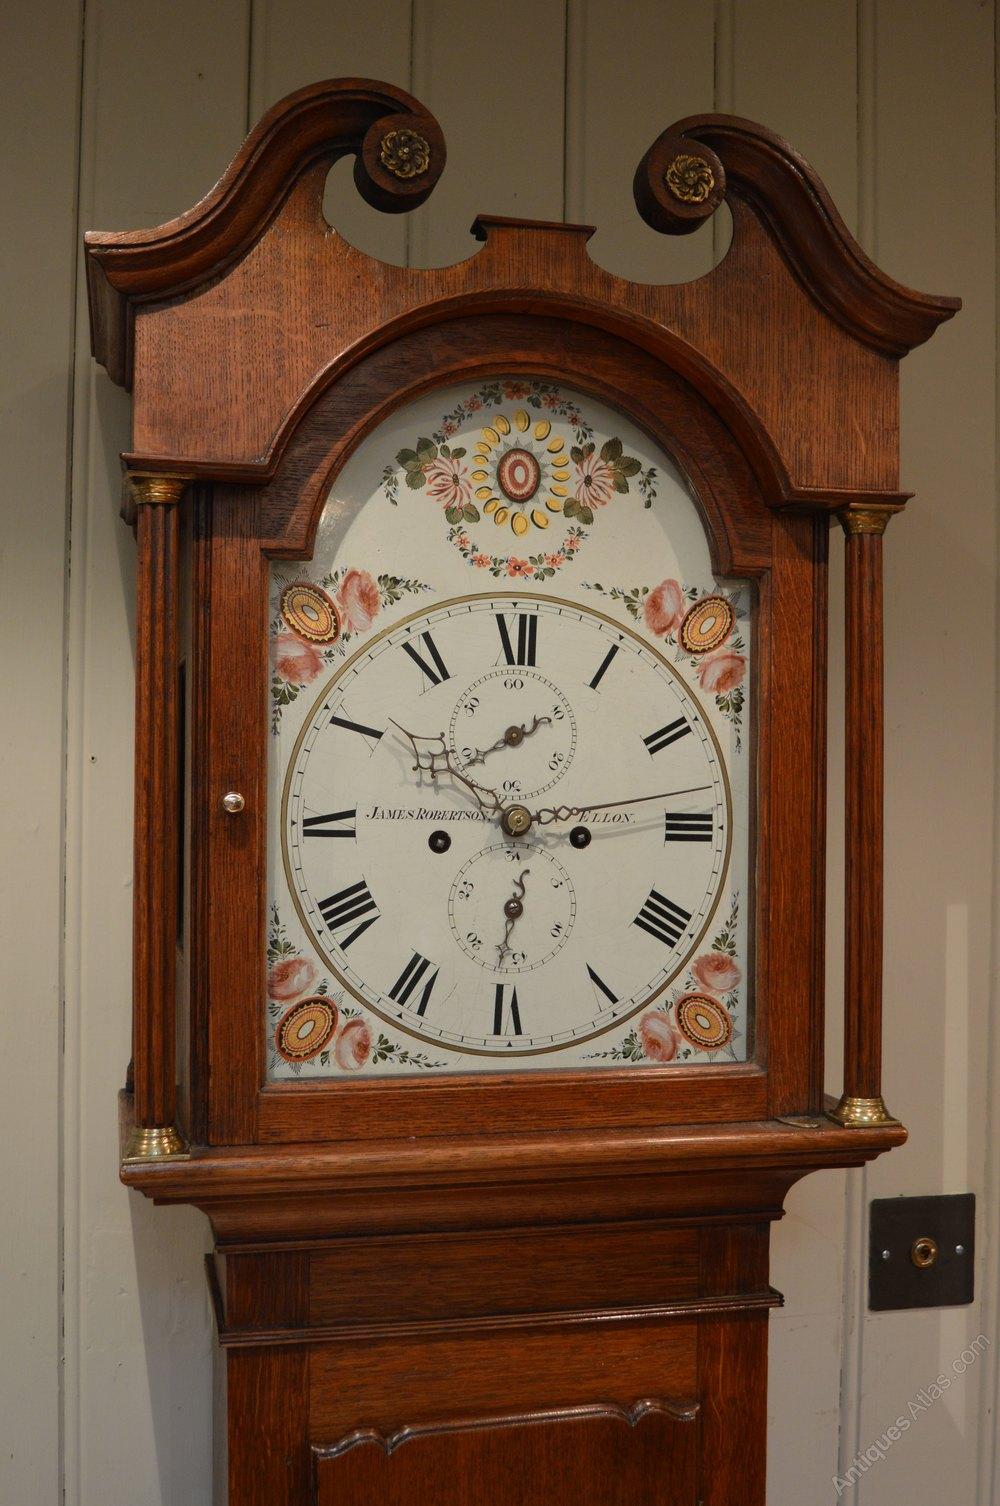 Dating scottish longcase clocks